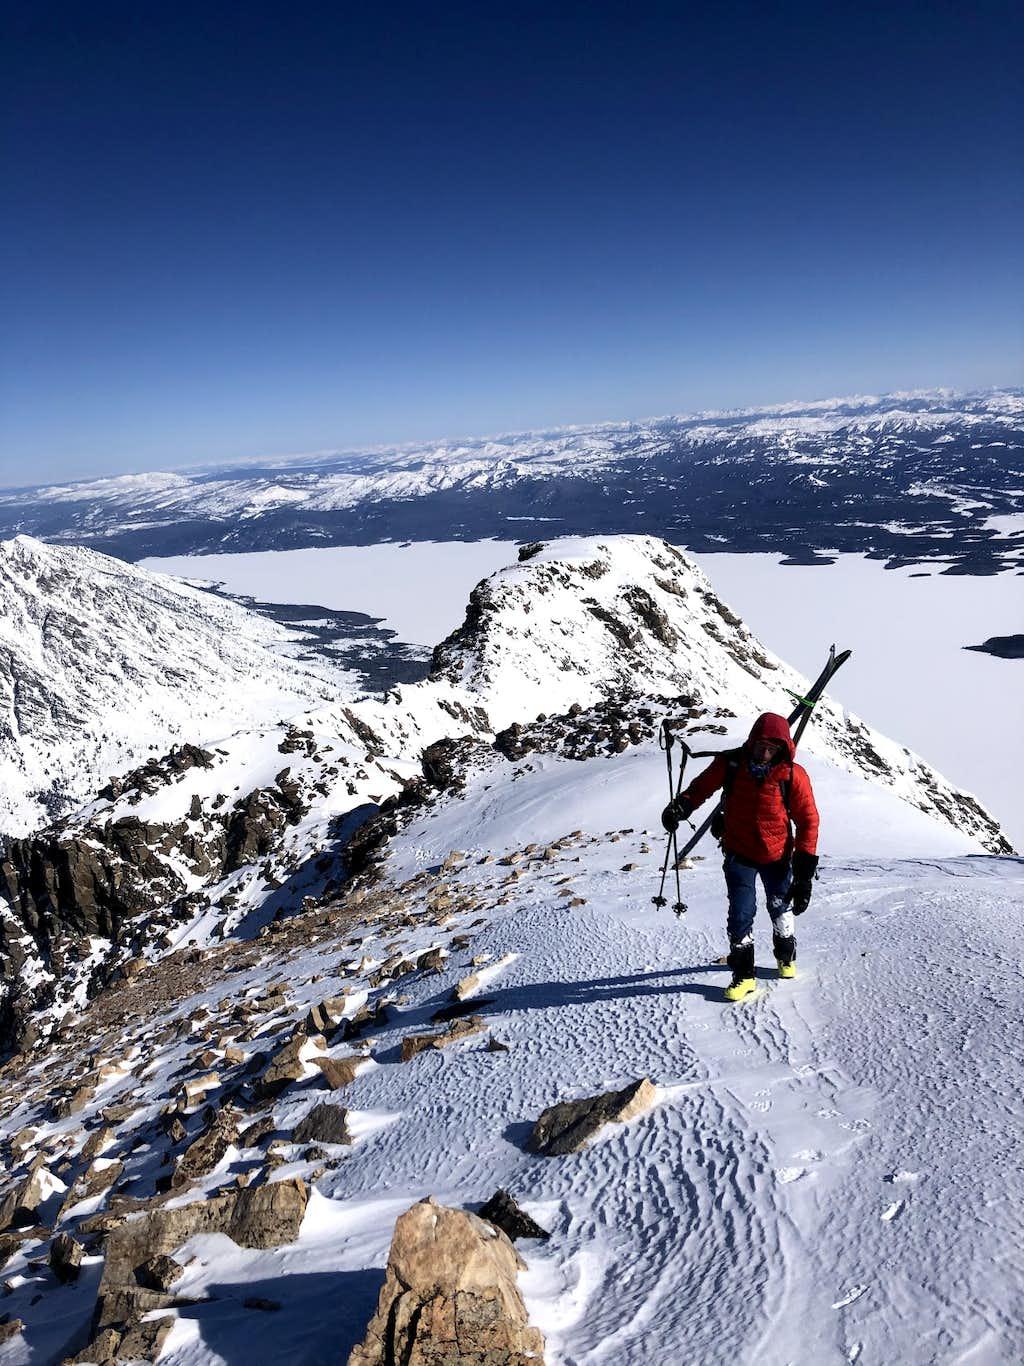 Nearing the Summit of Moran